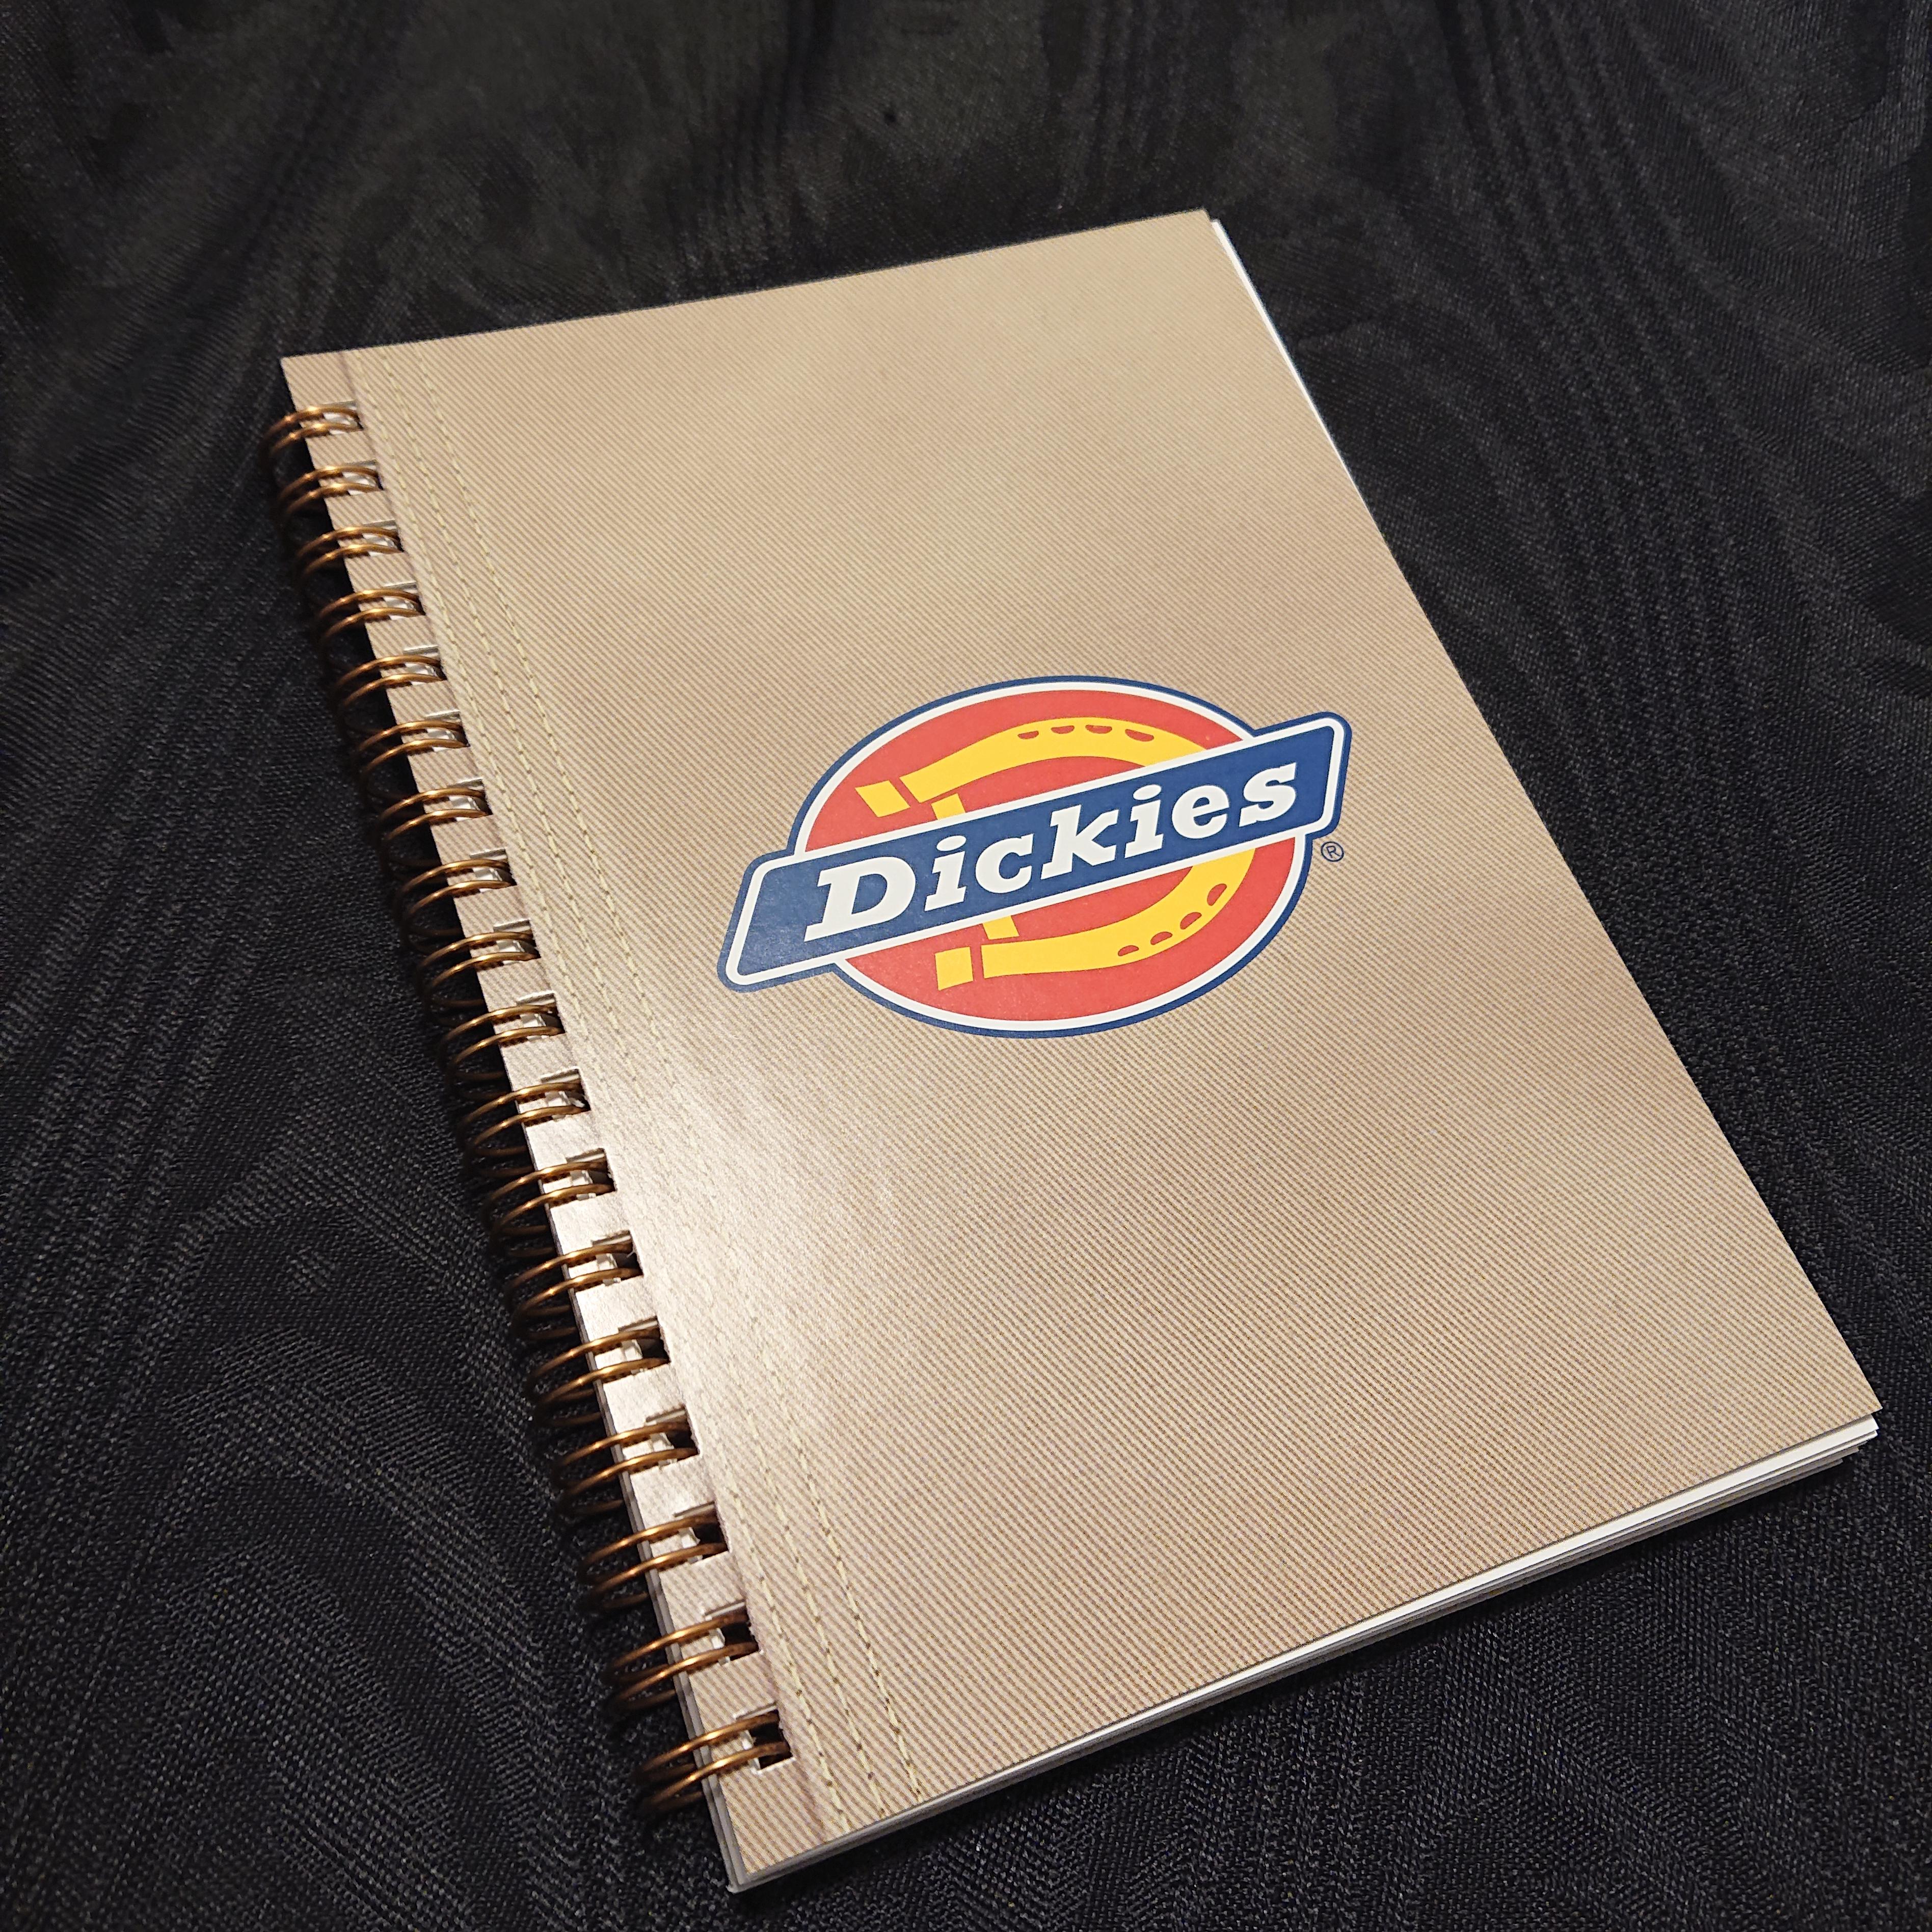 ディッキーズ手帳